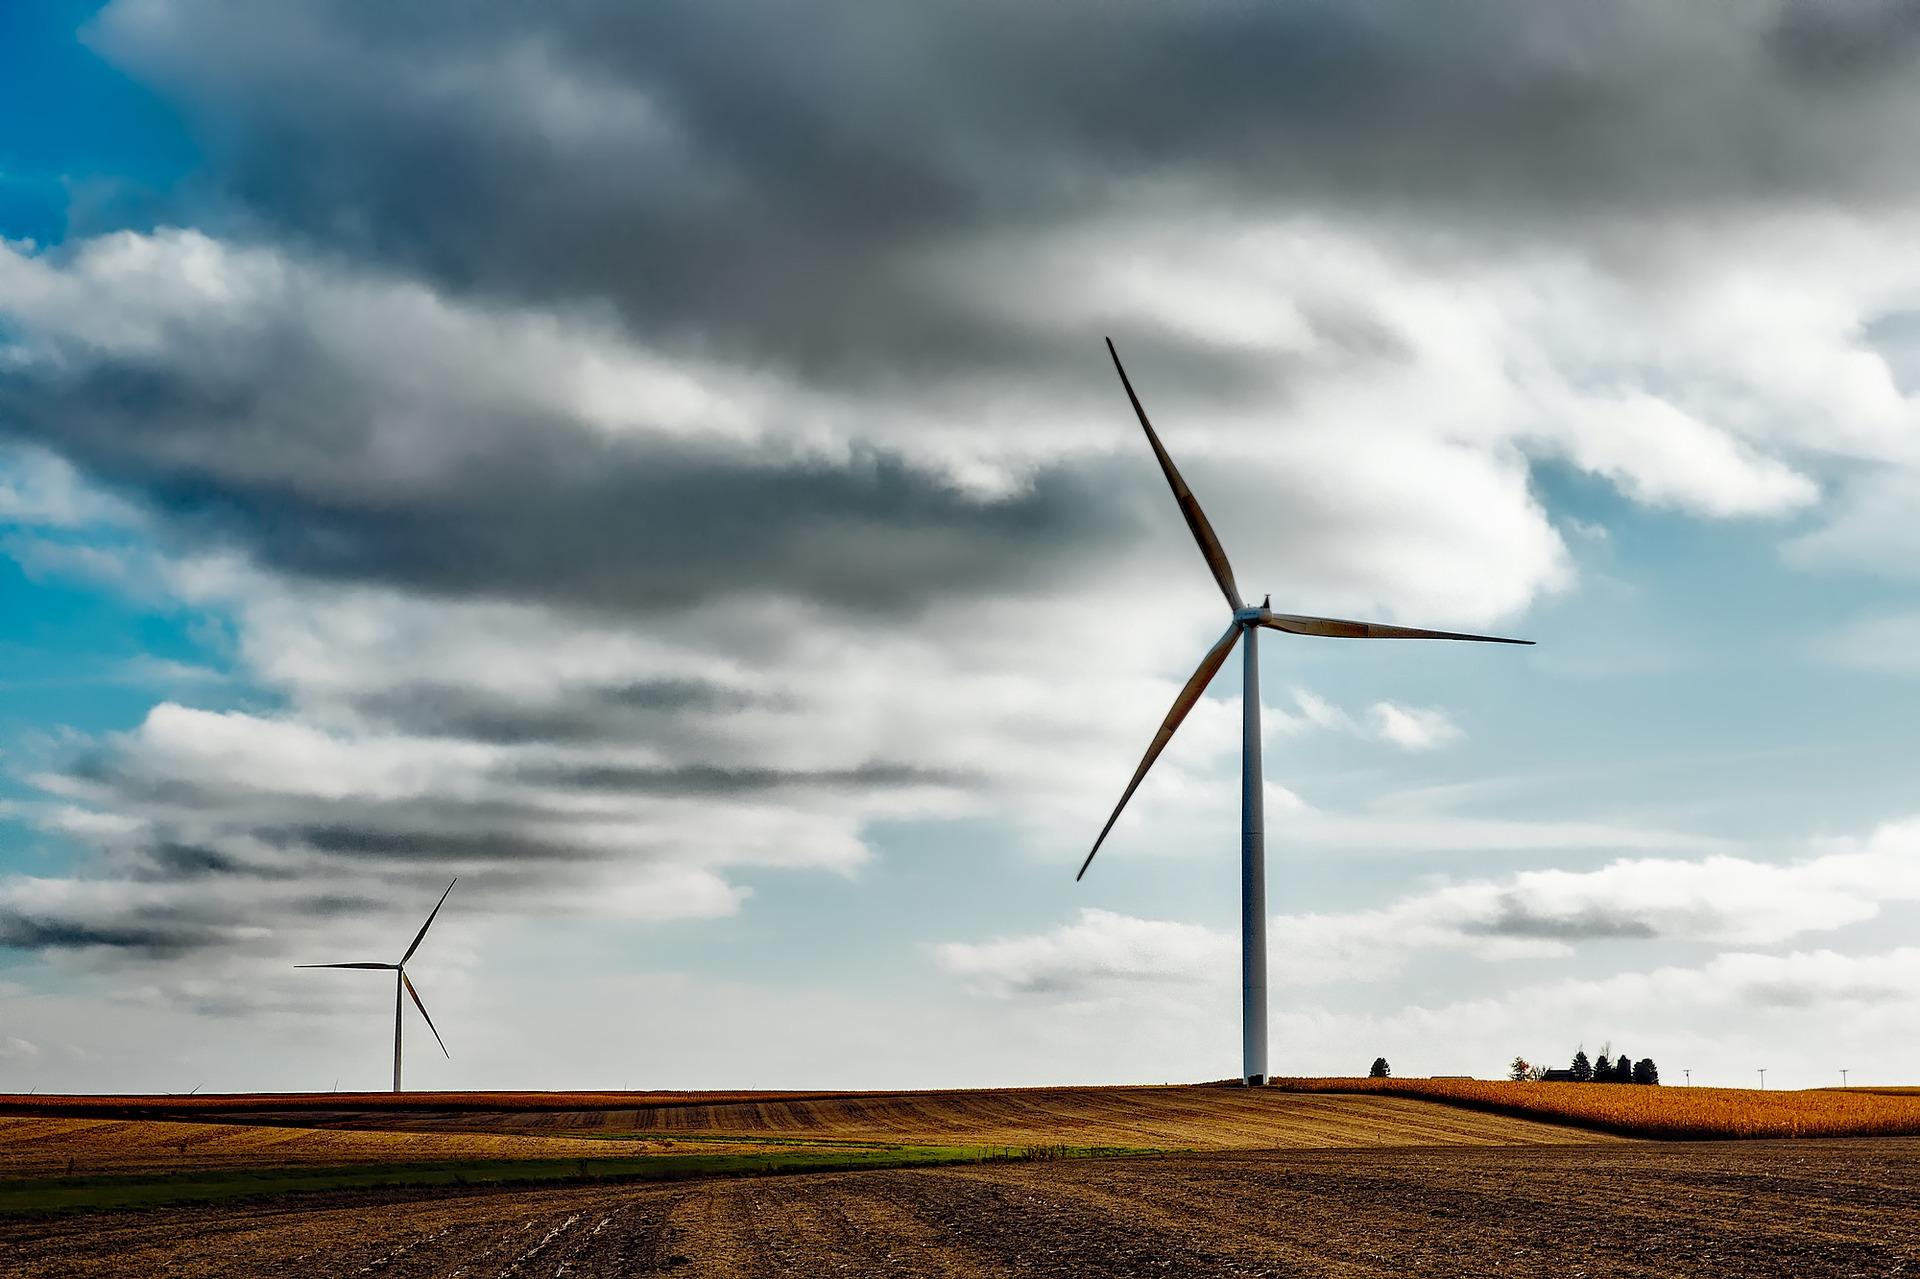 Le rapport des Français à l'énergie image